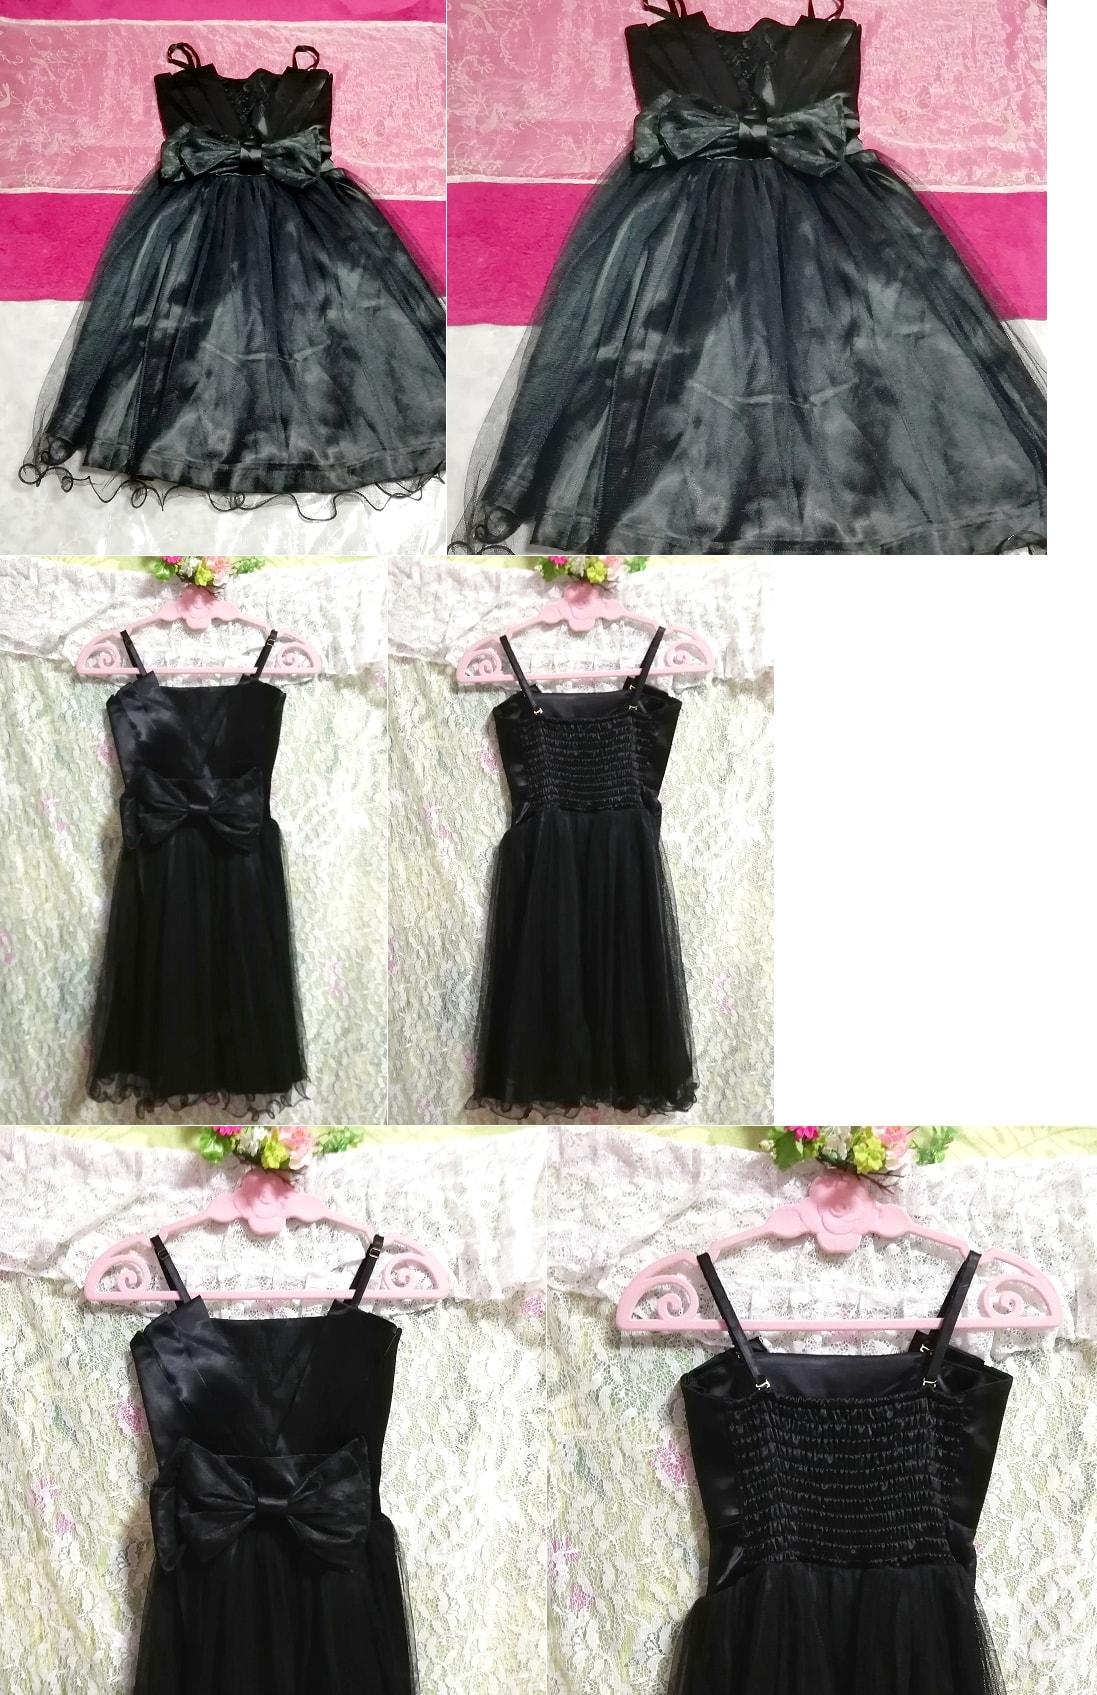 黒ブラックキャミソールワンピースチュールスカートドレス Black